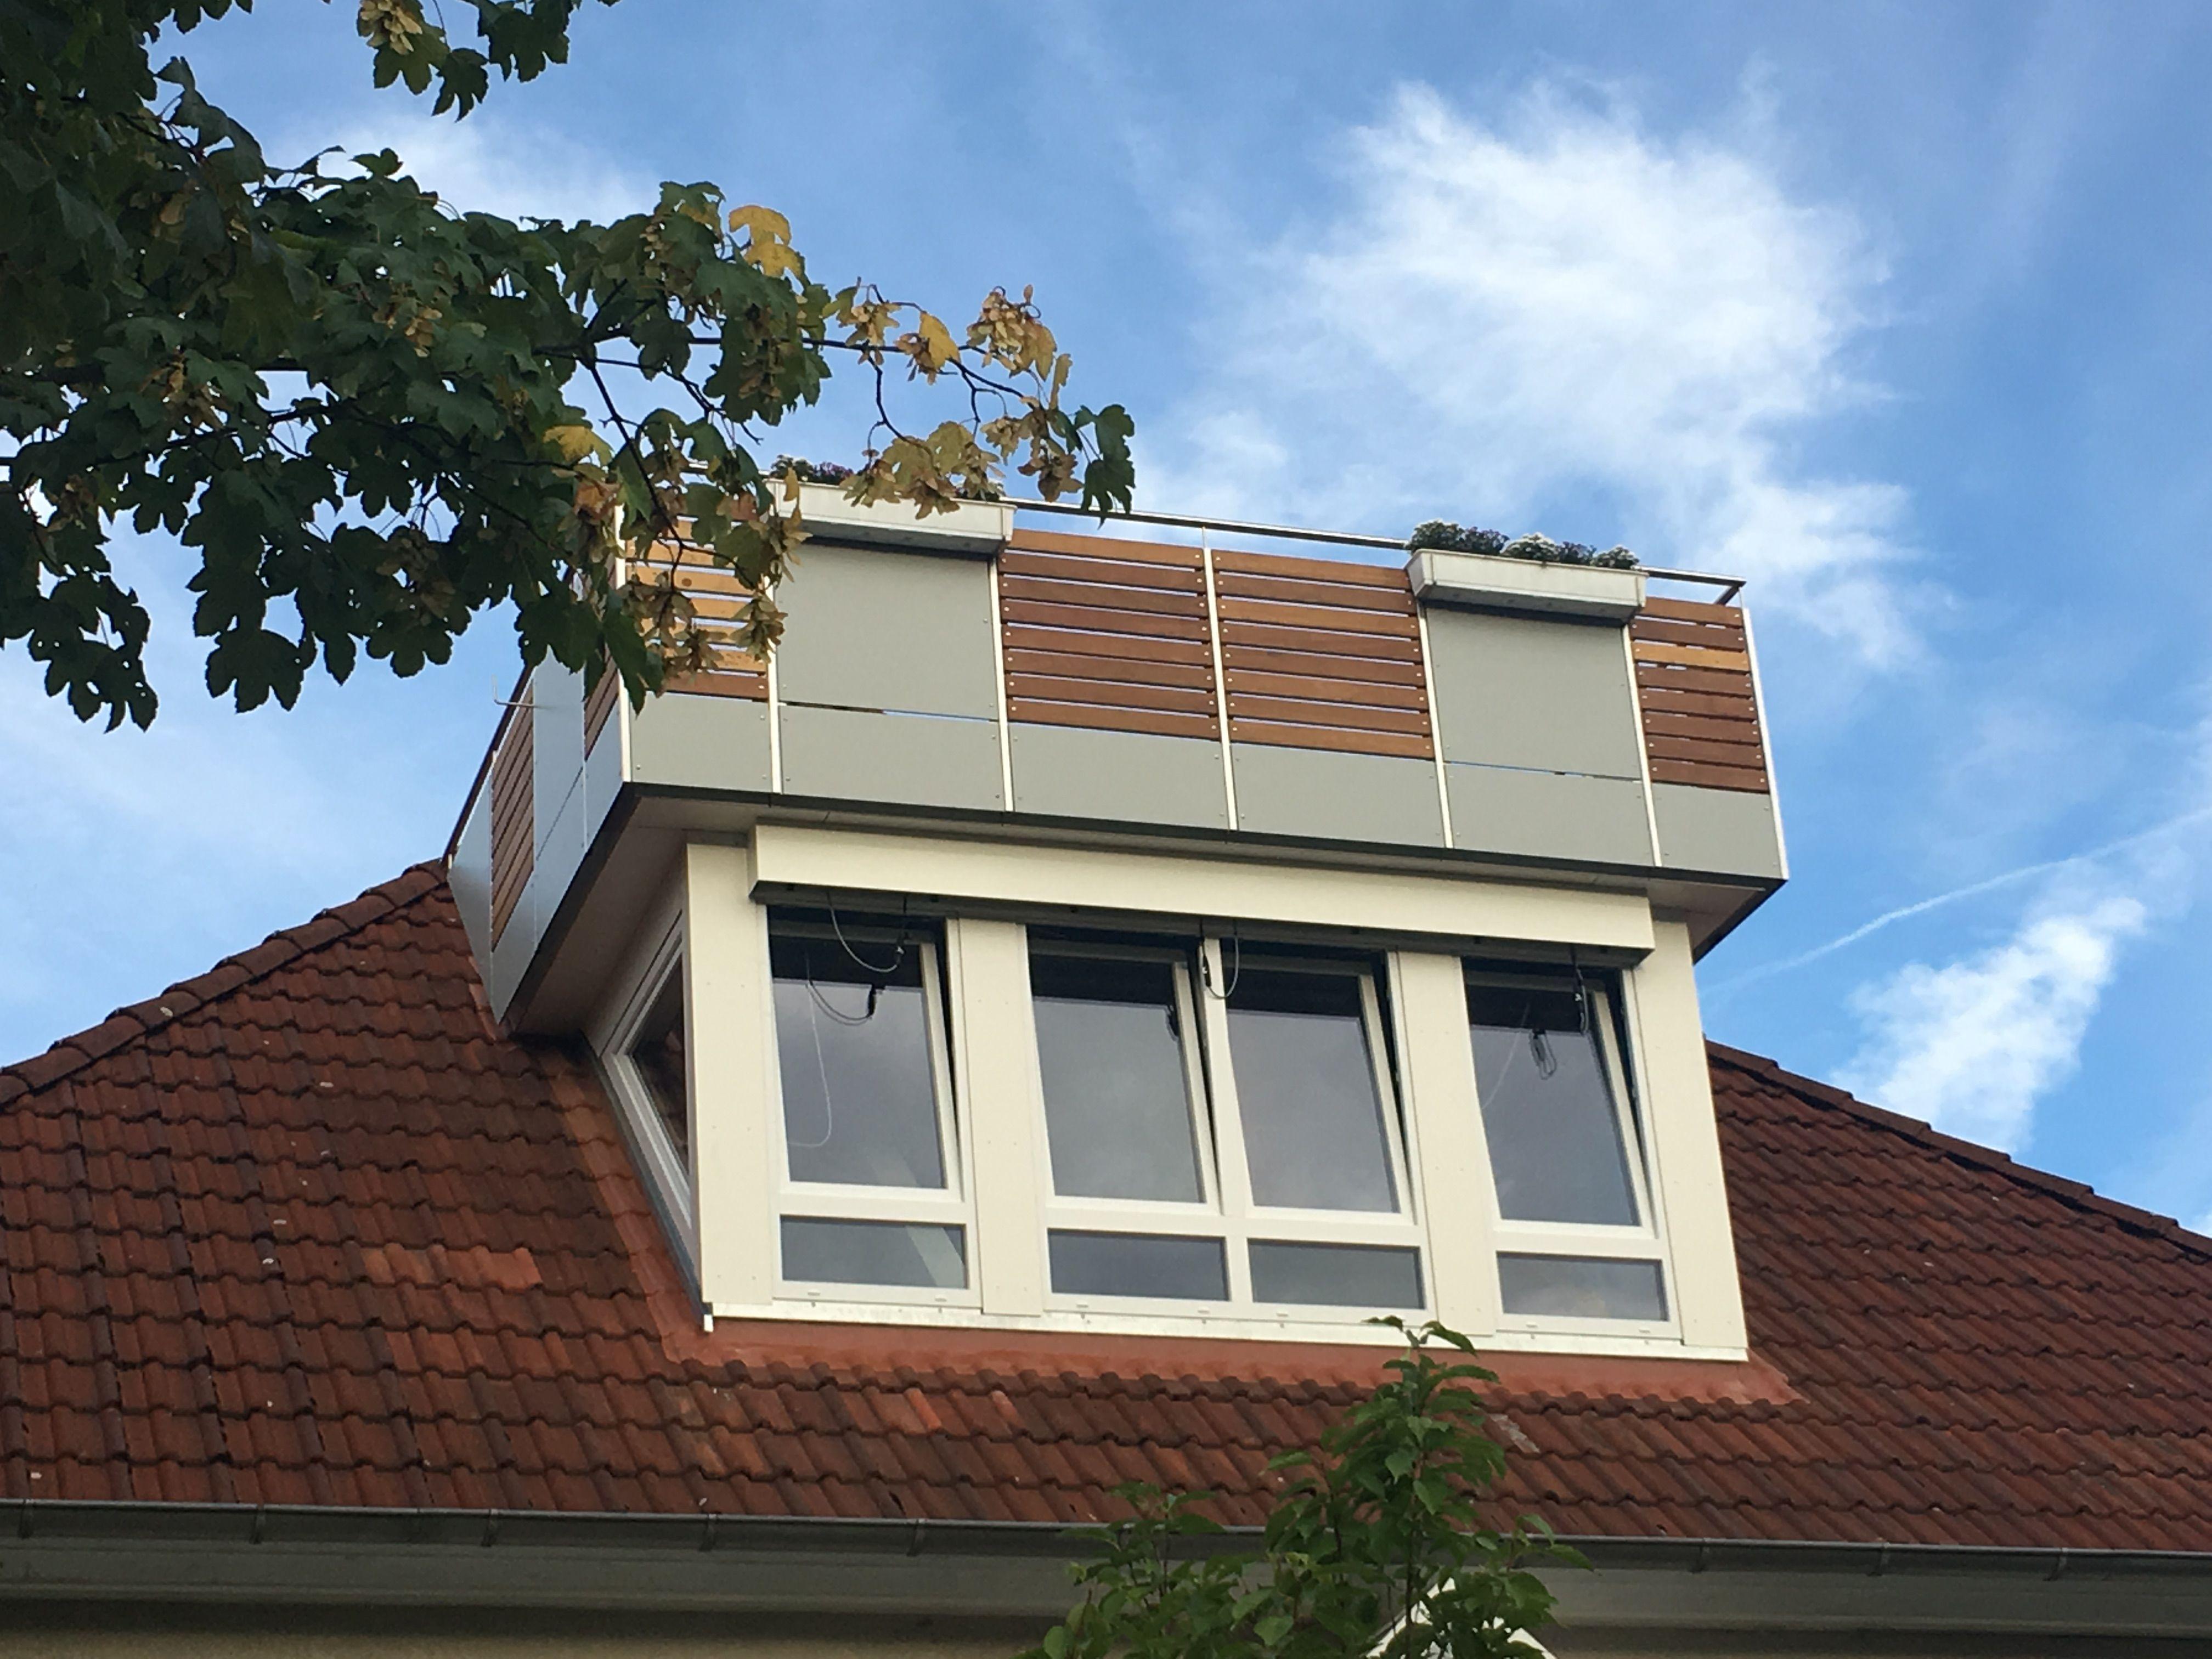 dachgaube mit balkon die sattelgaube ist eine der ltesten und gngigsten gaubenarten ihre. Black Bedroom Furniture Sets. Home Design Ideas